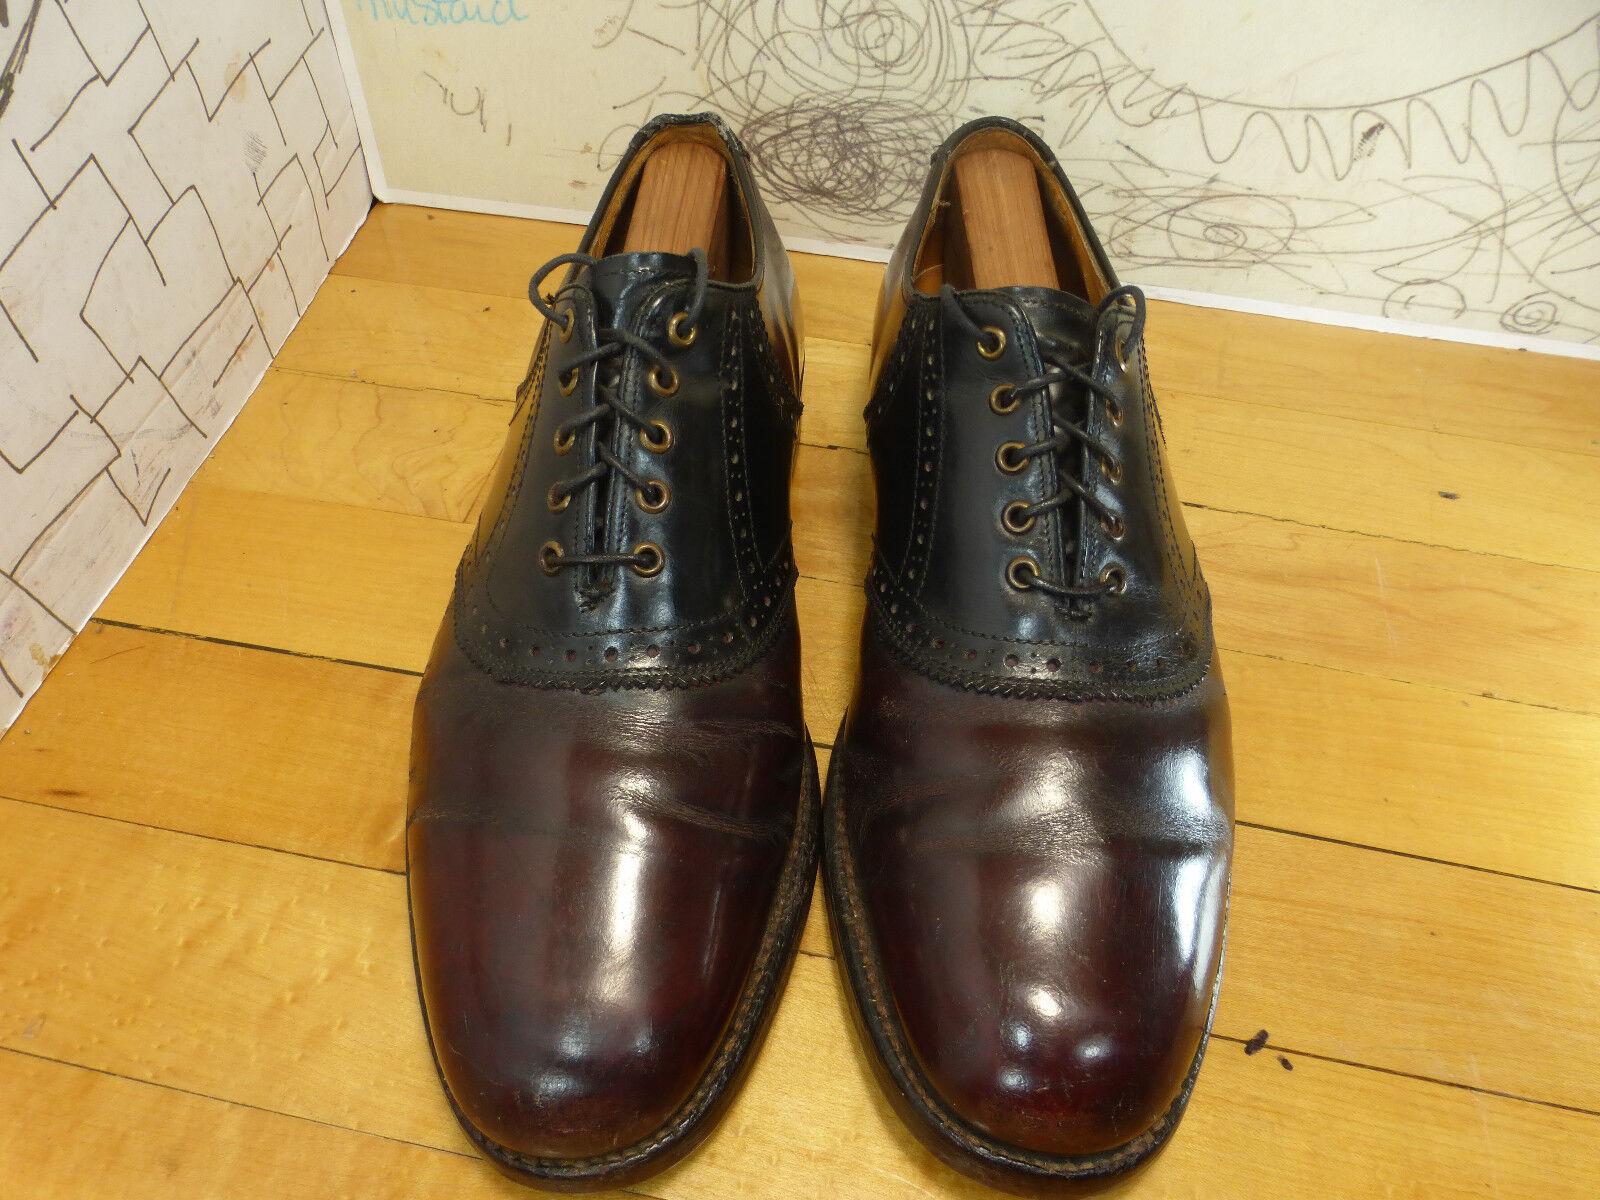 Truly Vintage Burgundy & Black Leather Saddle Oxfords Men's 7.5D B